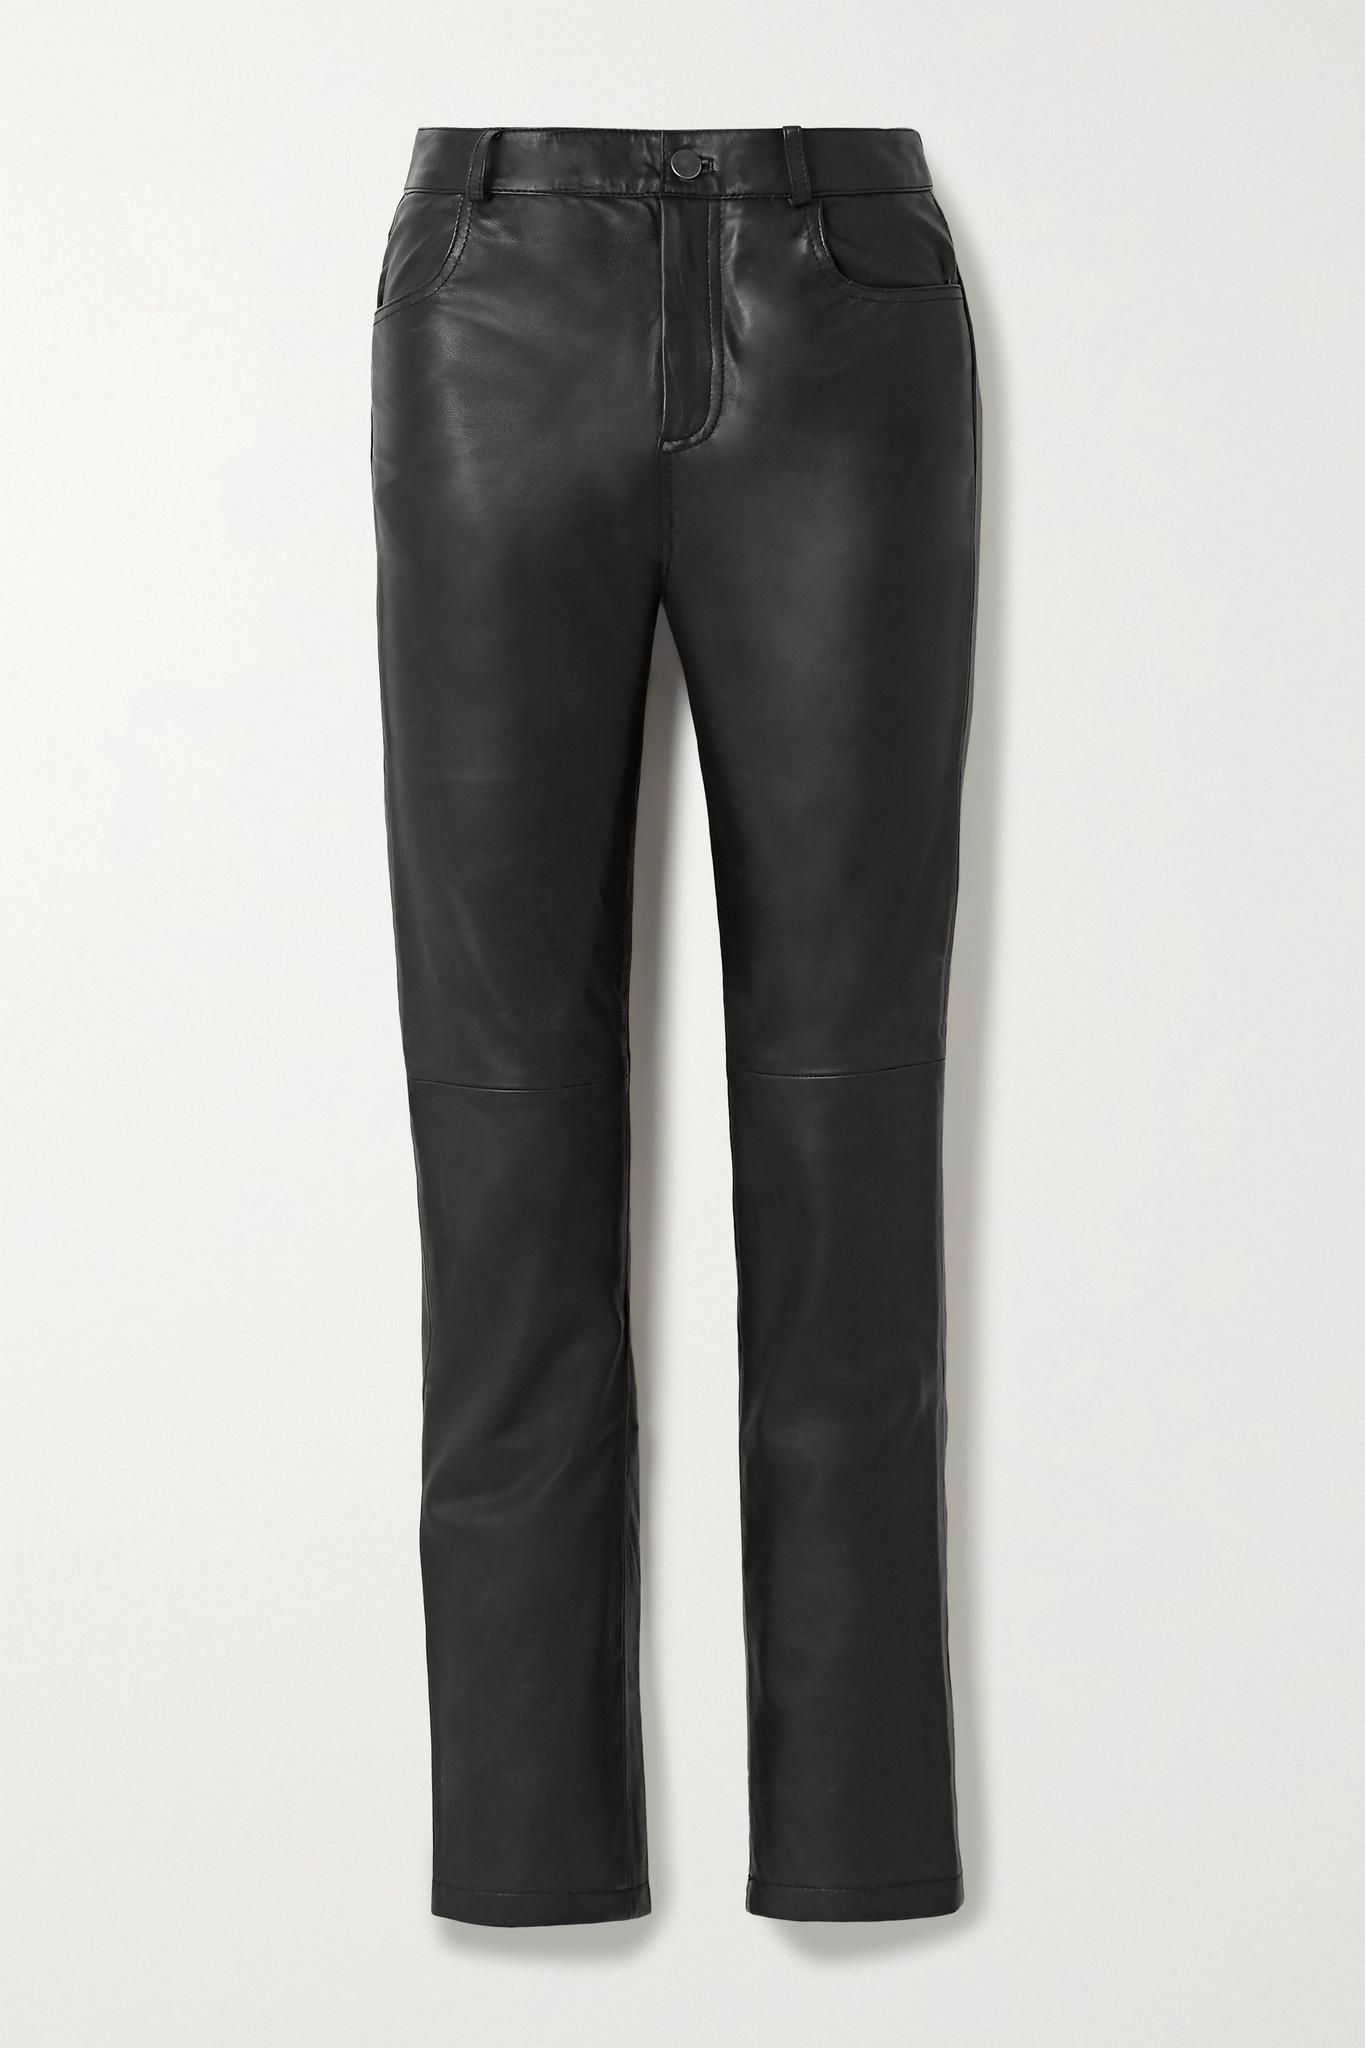 DEADWOOD - 【net Sustain】phoenix 皮革直筒裤 - 黑色 - DK34